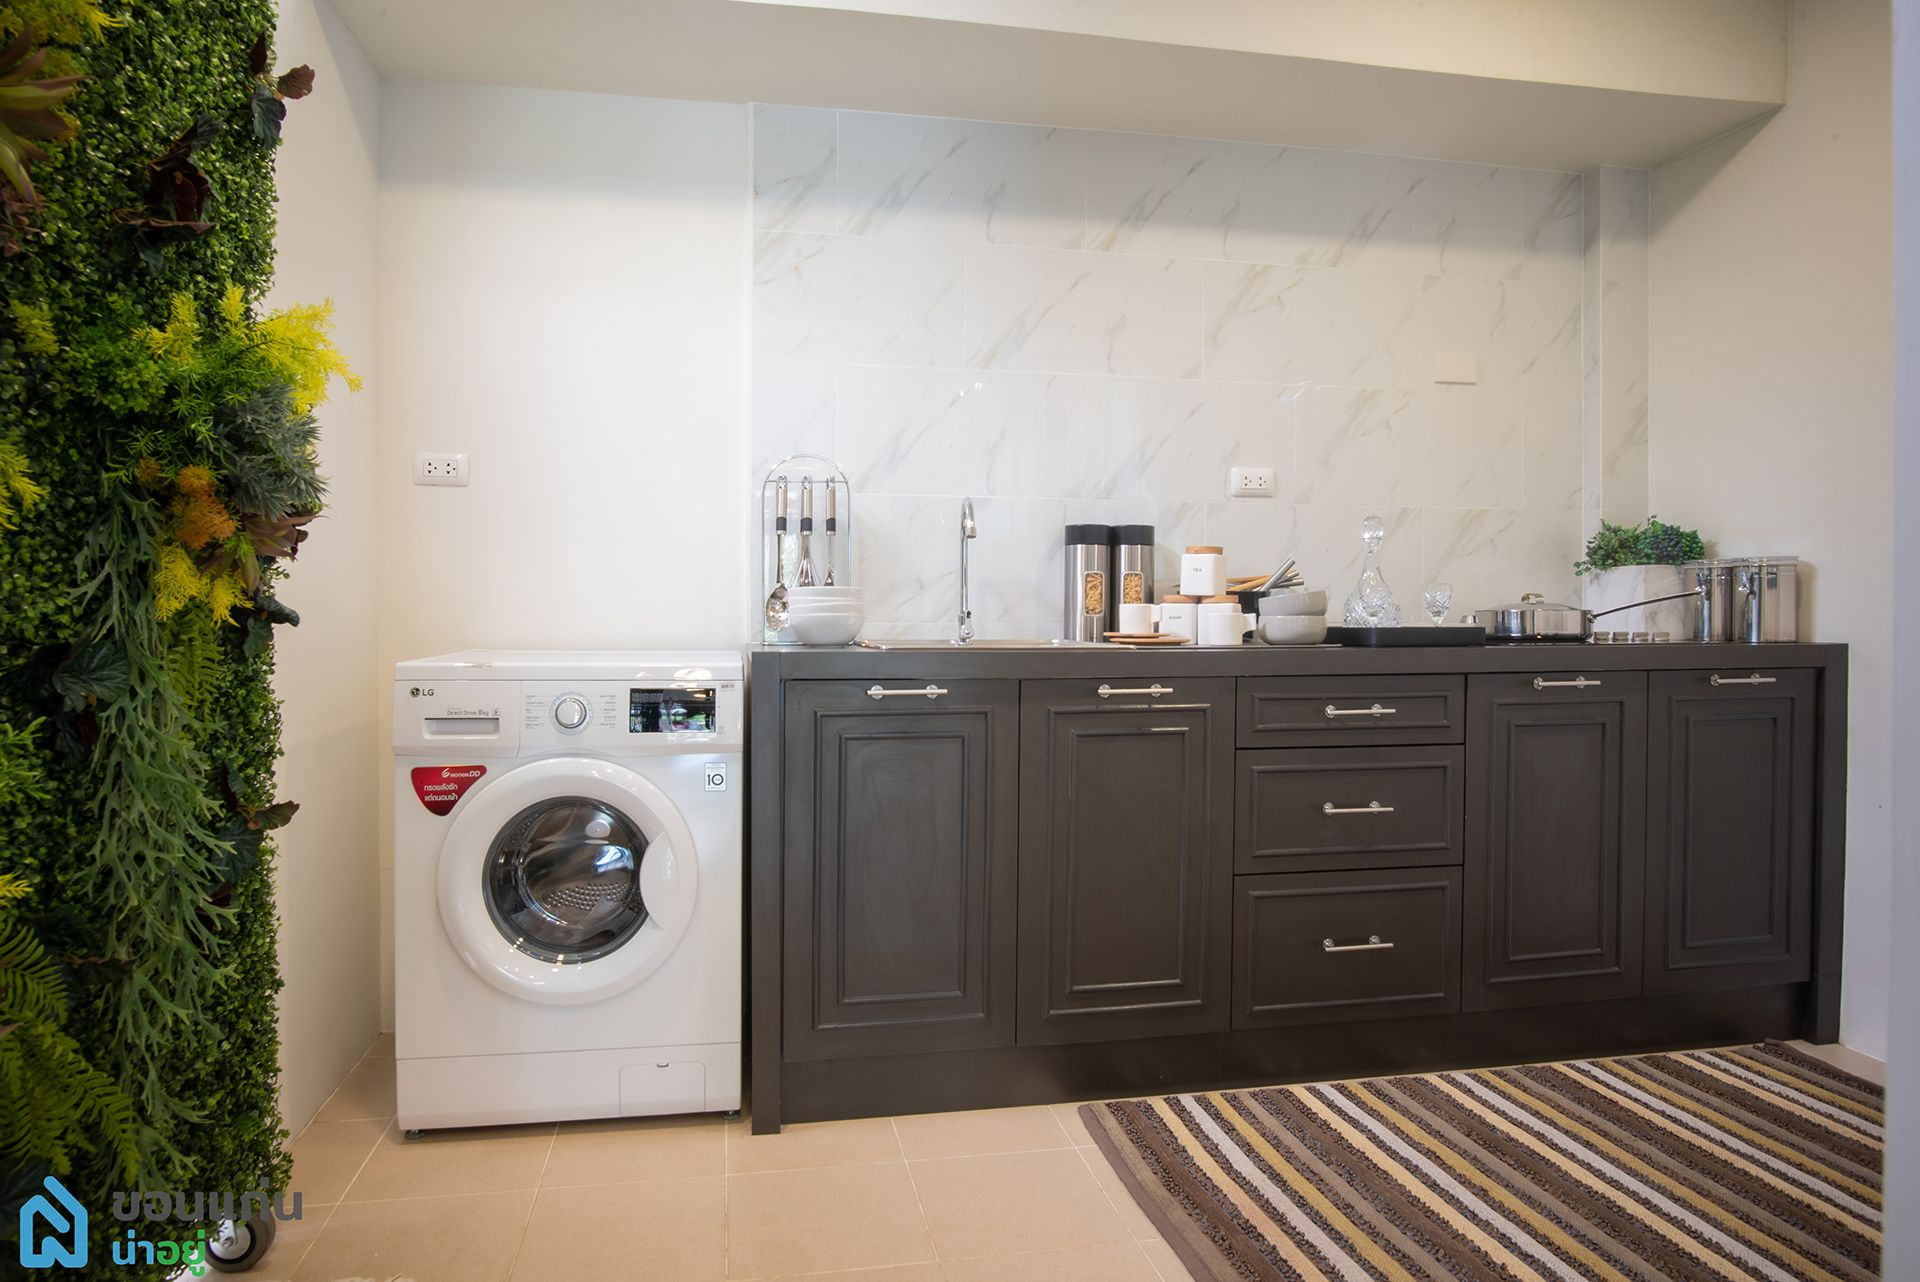 หลังบ้านสามารถต่อเติมเป็นครัวได้